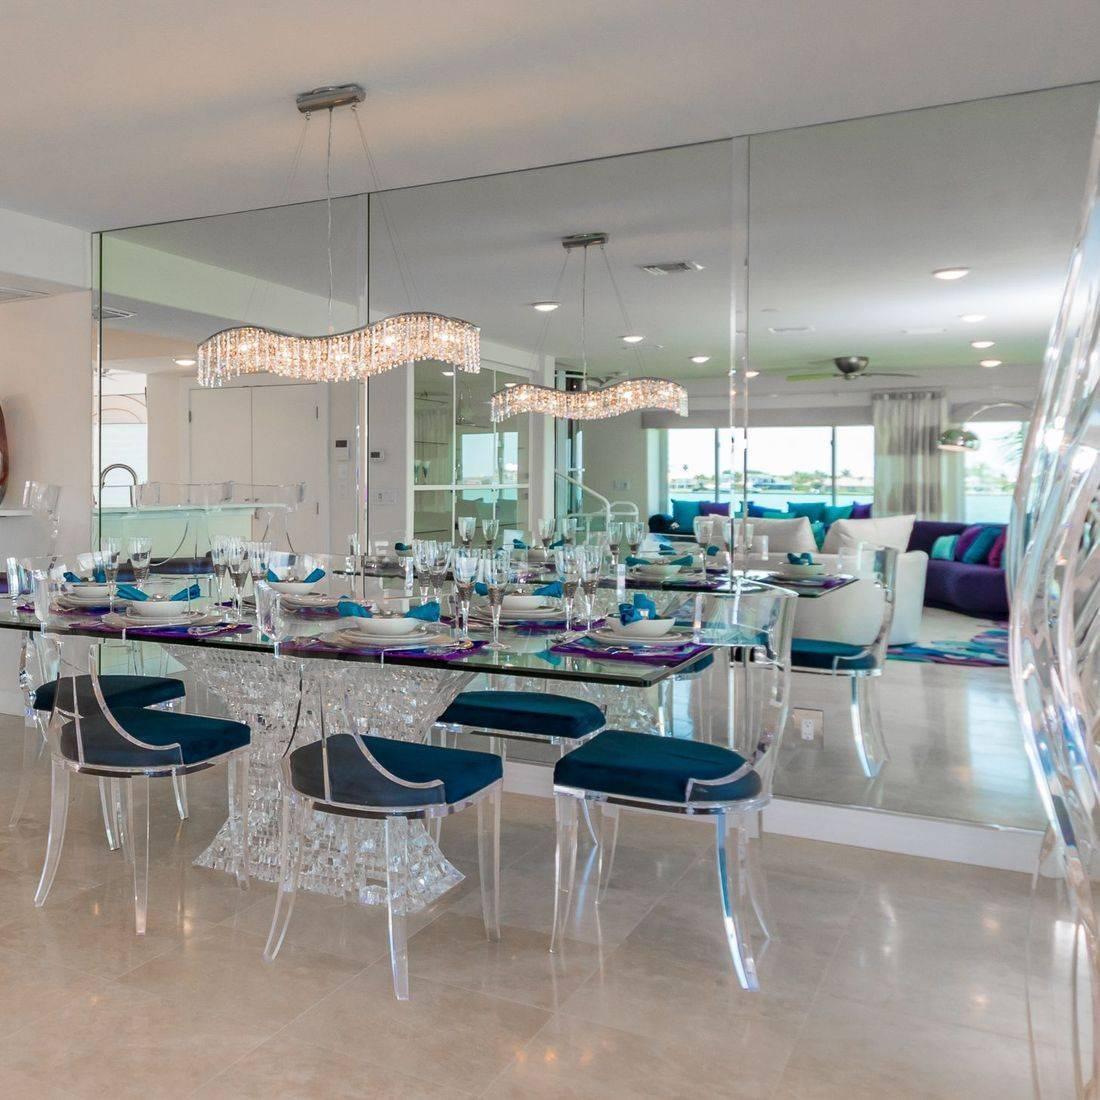 Lucite Furniture, Dining Area